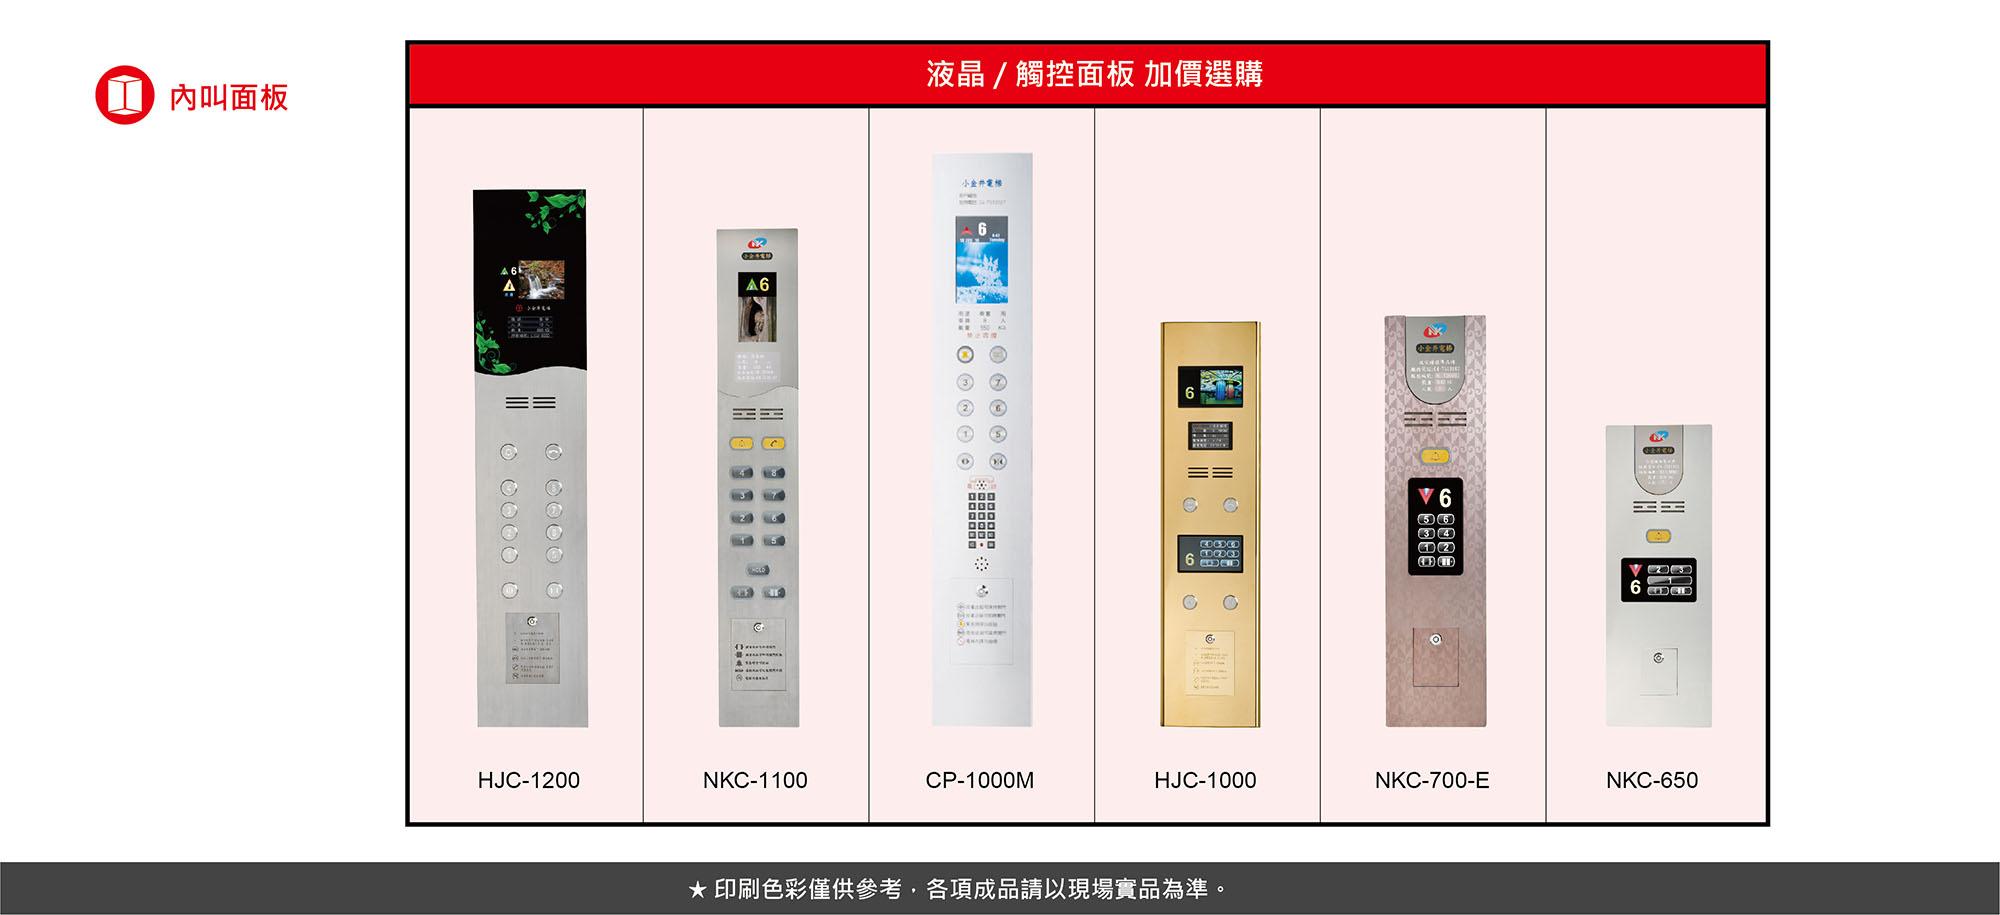 內叫面板 - 液晶觸控面板 加價選購